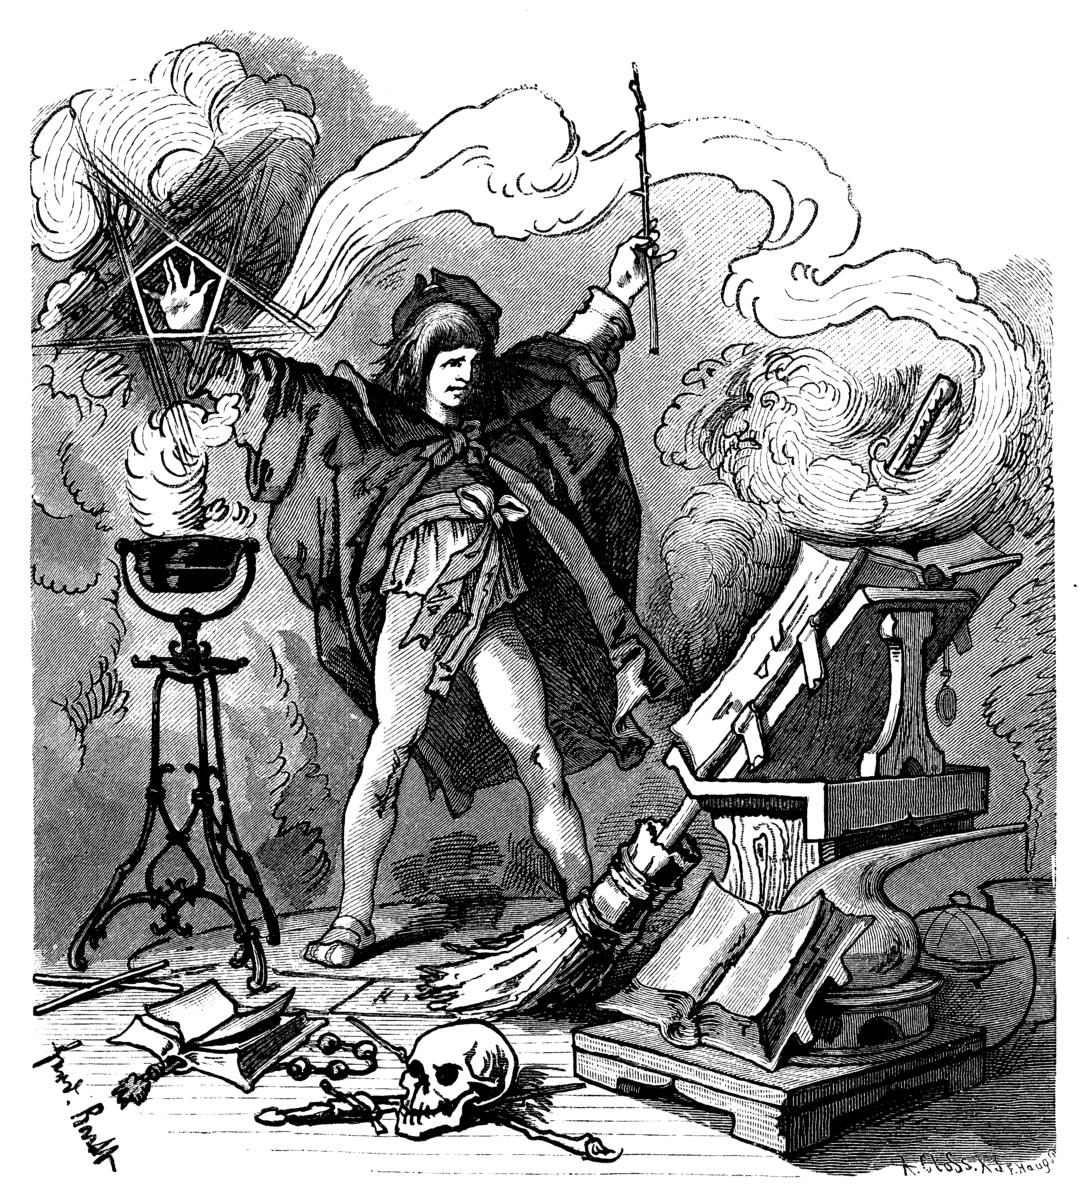 vradžbine i magija